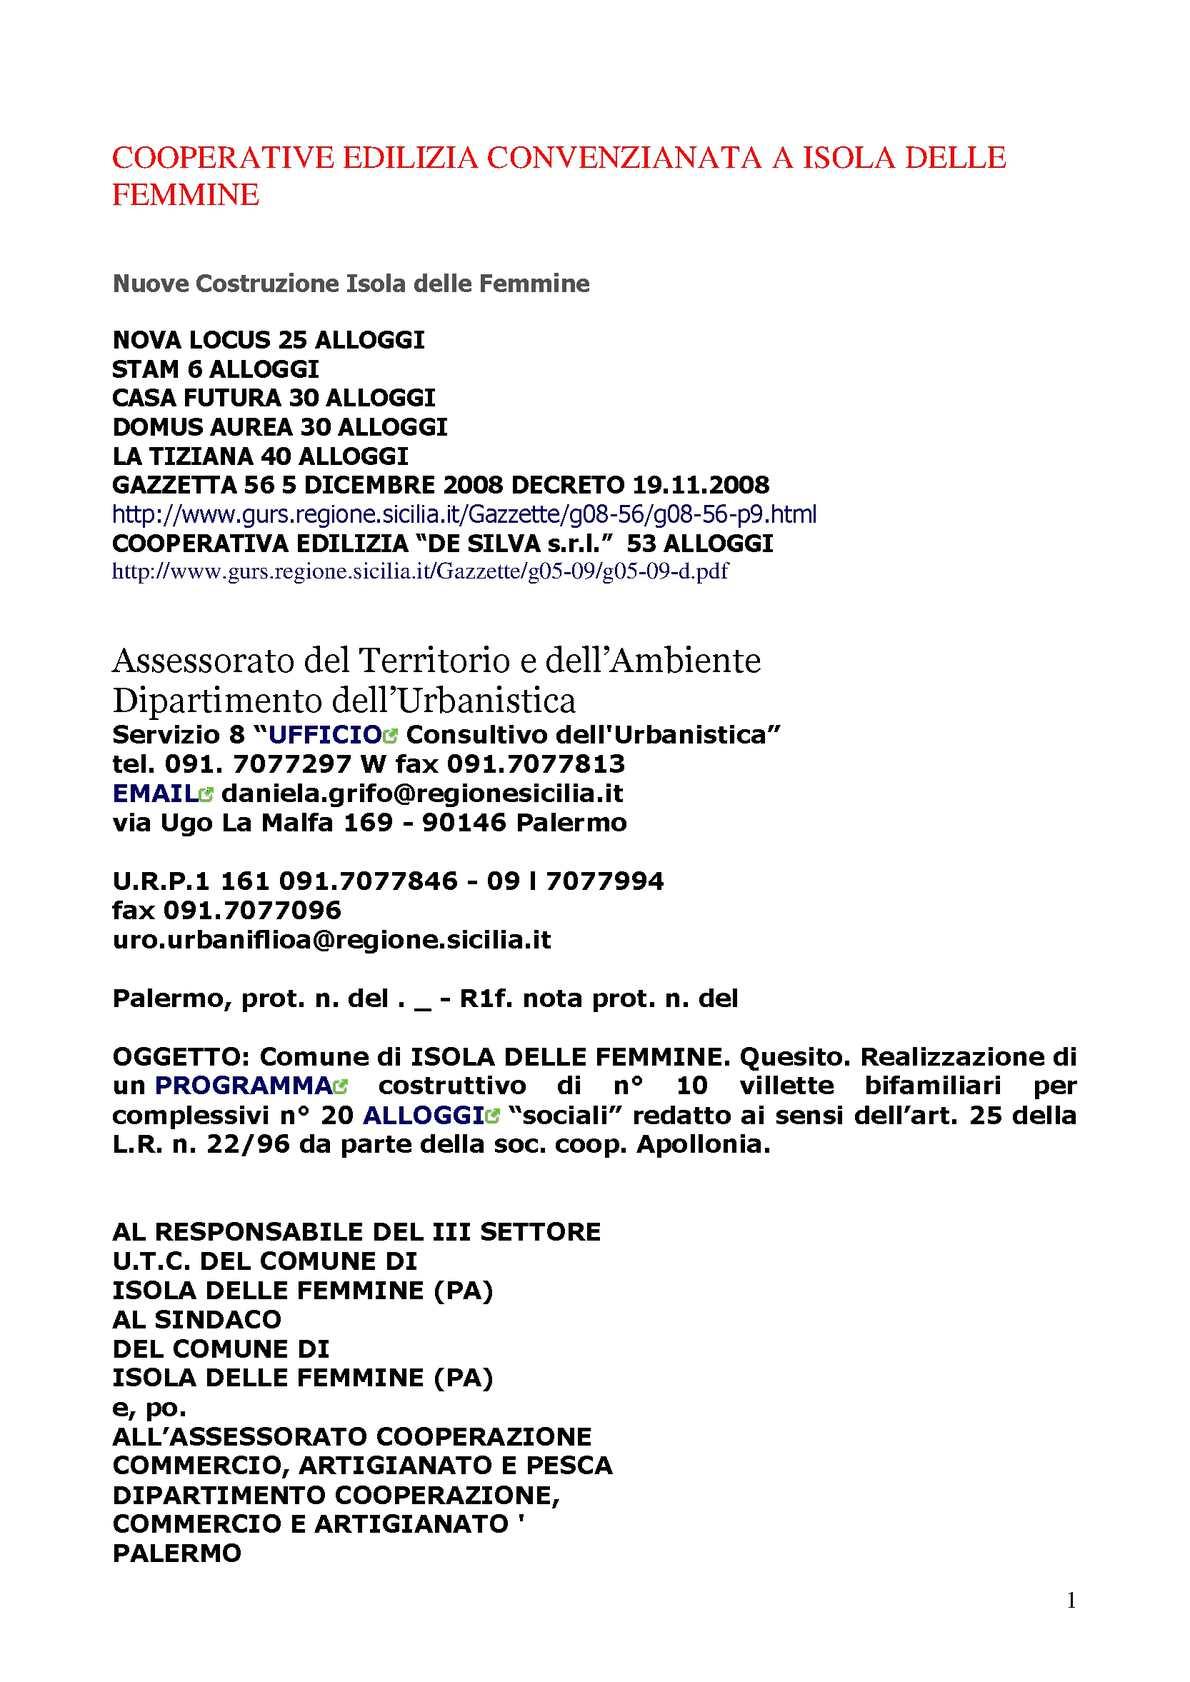 Nova Domus Palermo Italian Modern Faux Concrete Grey: COOPERATIVE EDILIZIA CONVENZIONATA A ISOLA DELLE